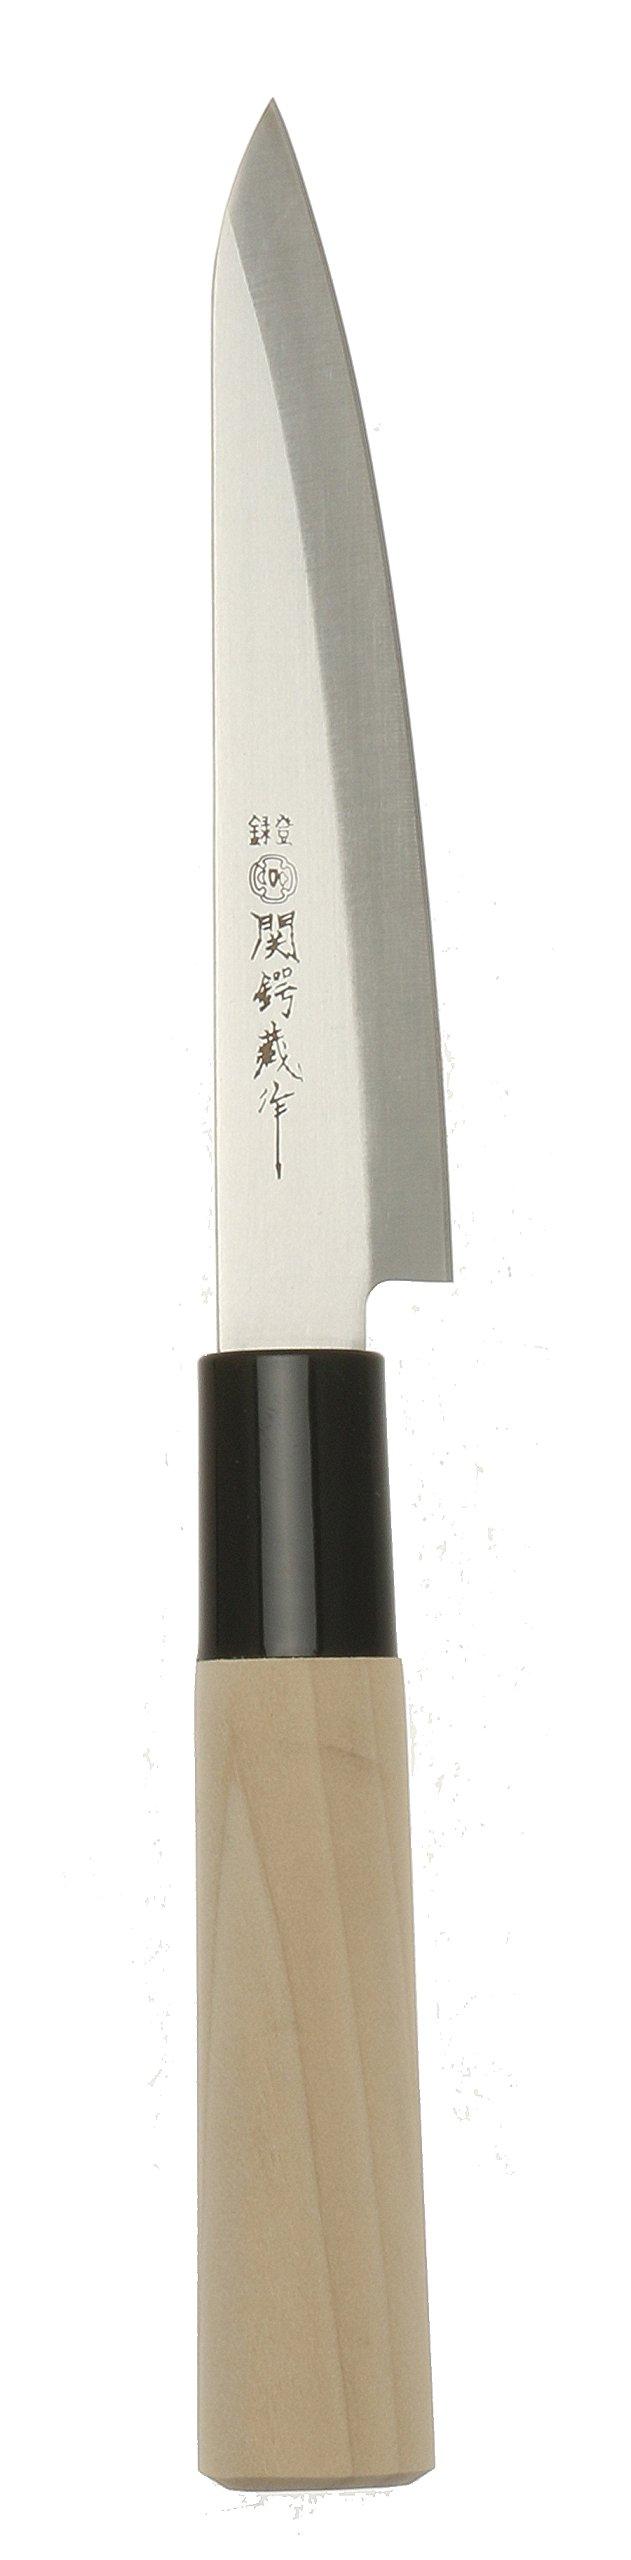 KotobukiSeki Paring Knife, Silver